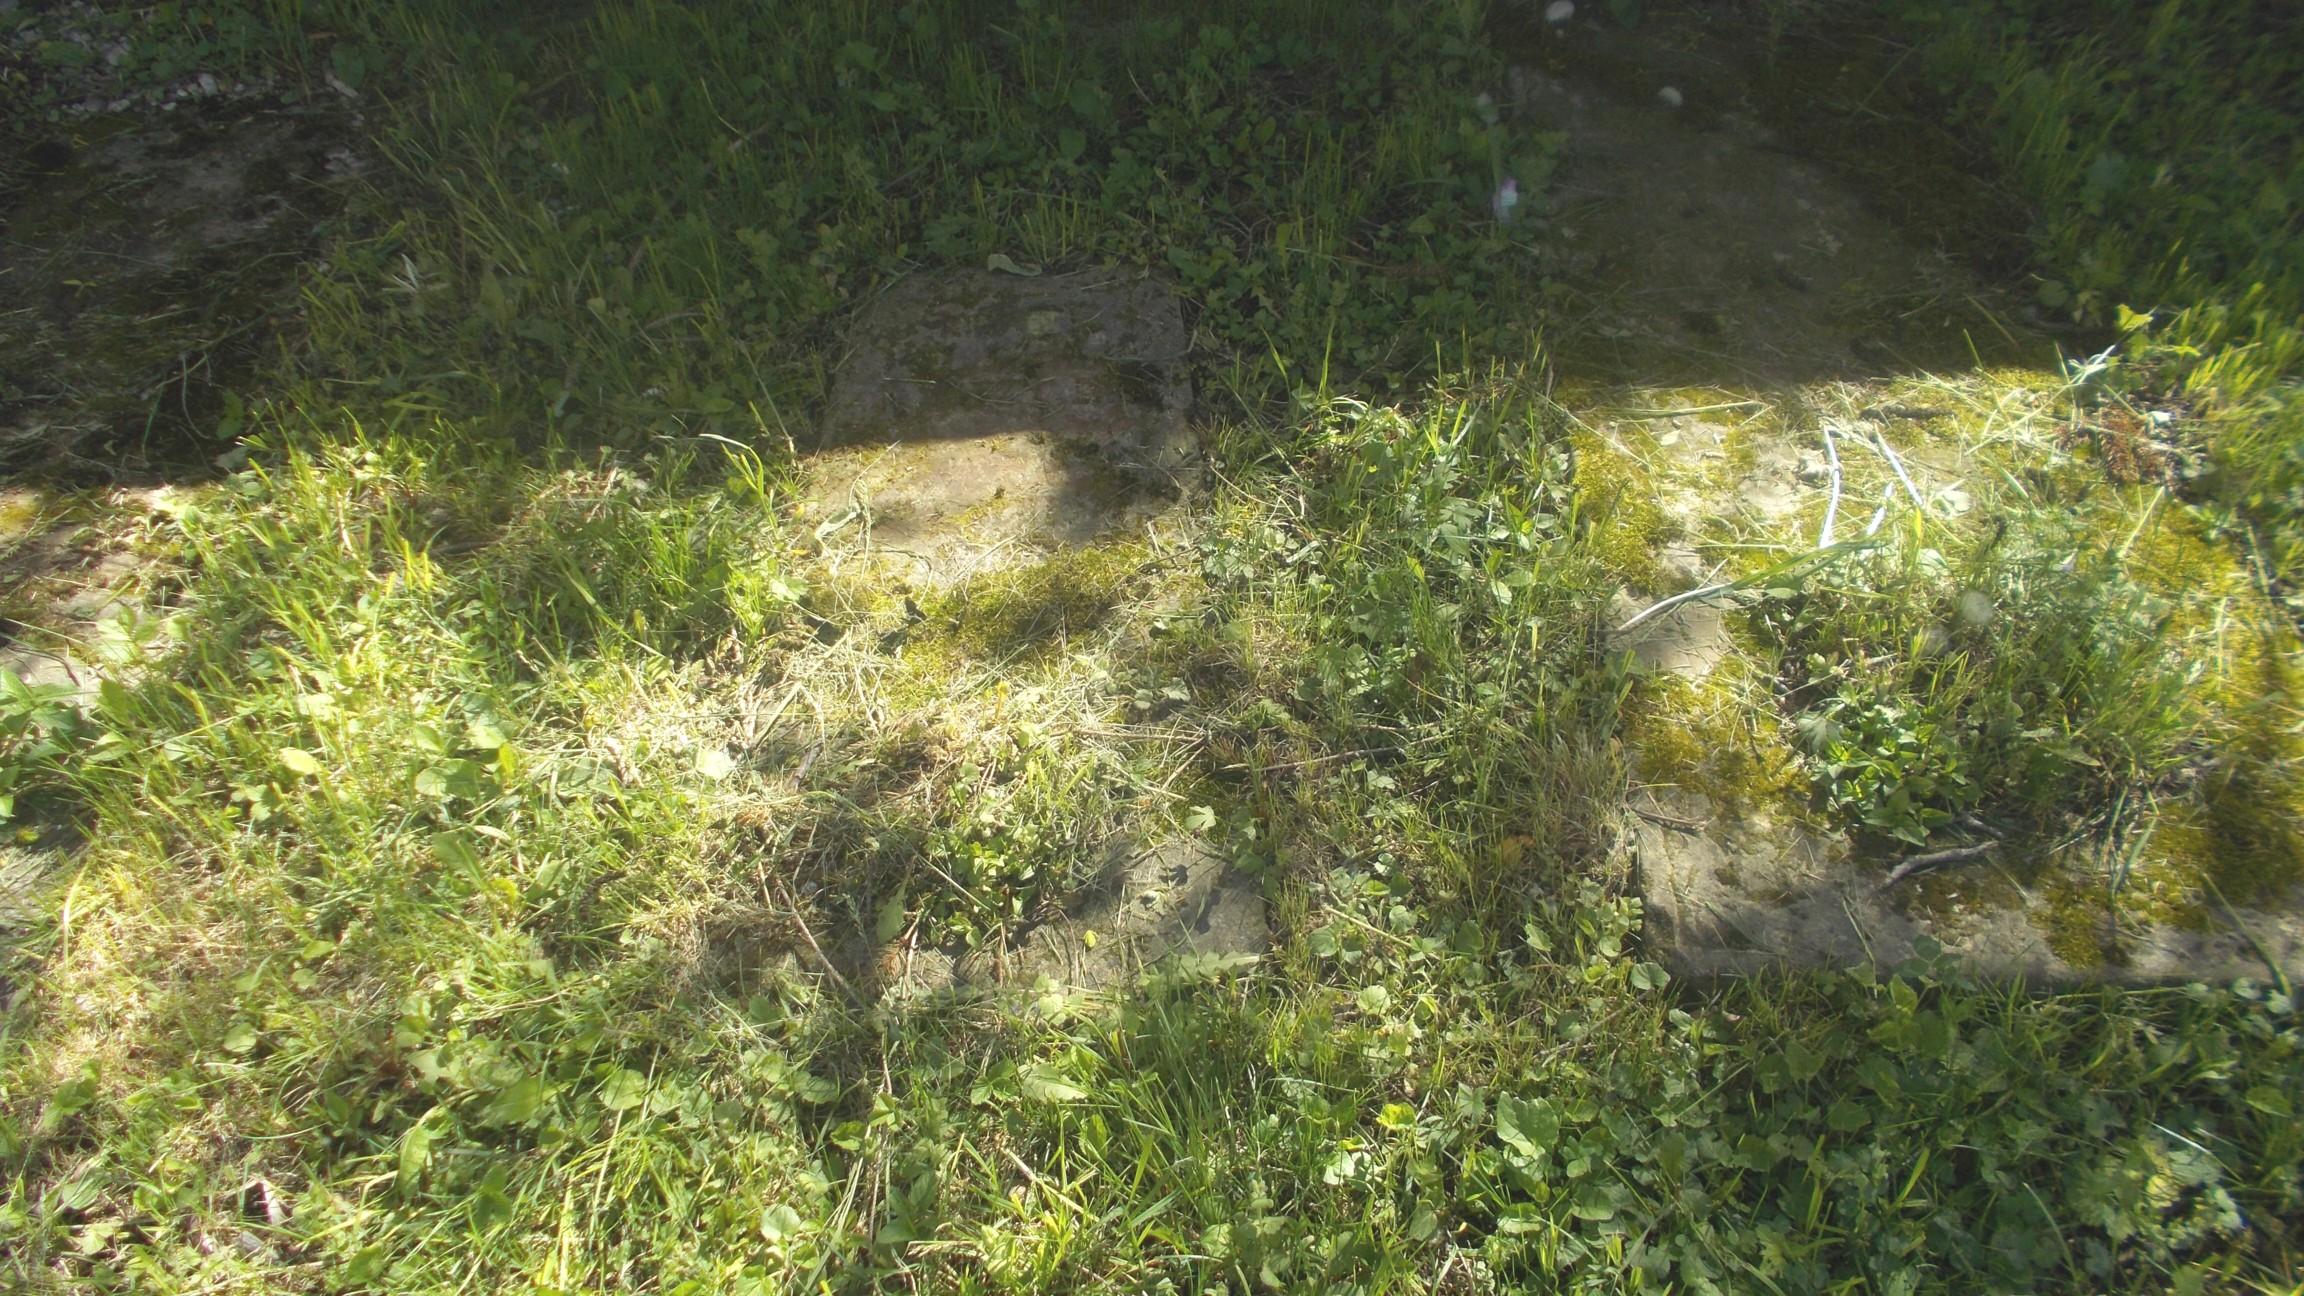 Pietre mormântale pe cale de a fi luate în stăpânirea vegetaţiei